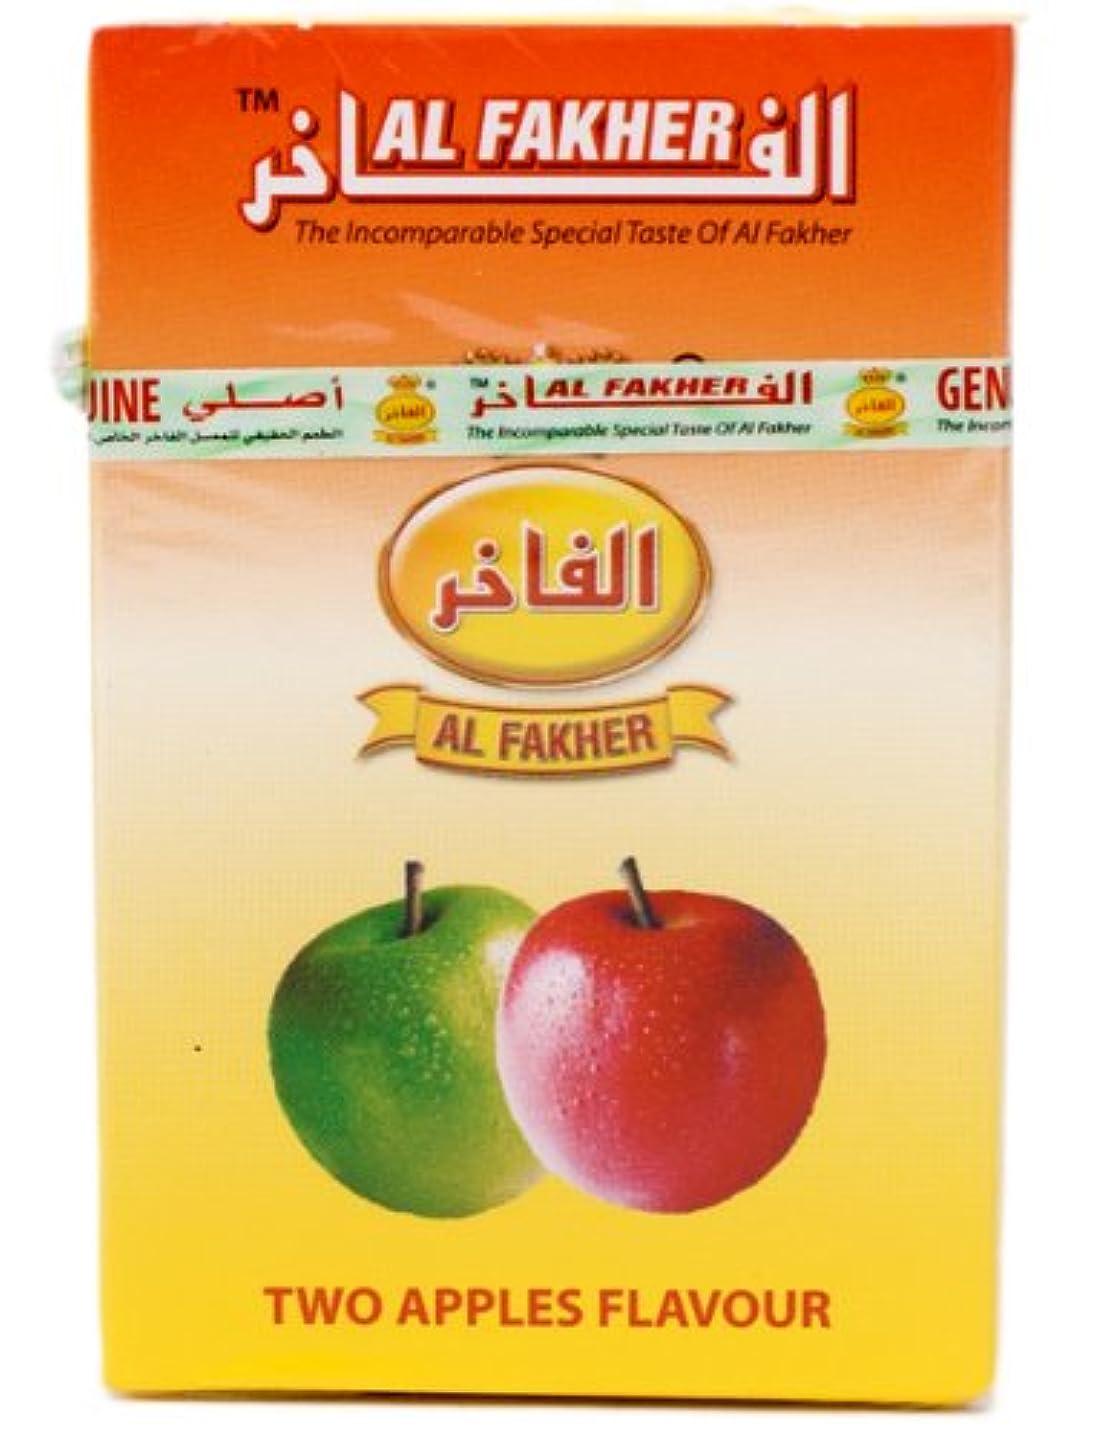 導入するどこ負担Al Fakher Herbal Shisha 2つAppple味50 gパック